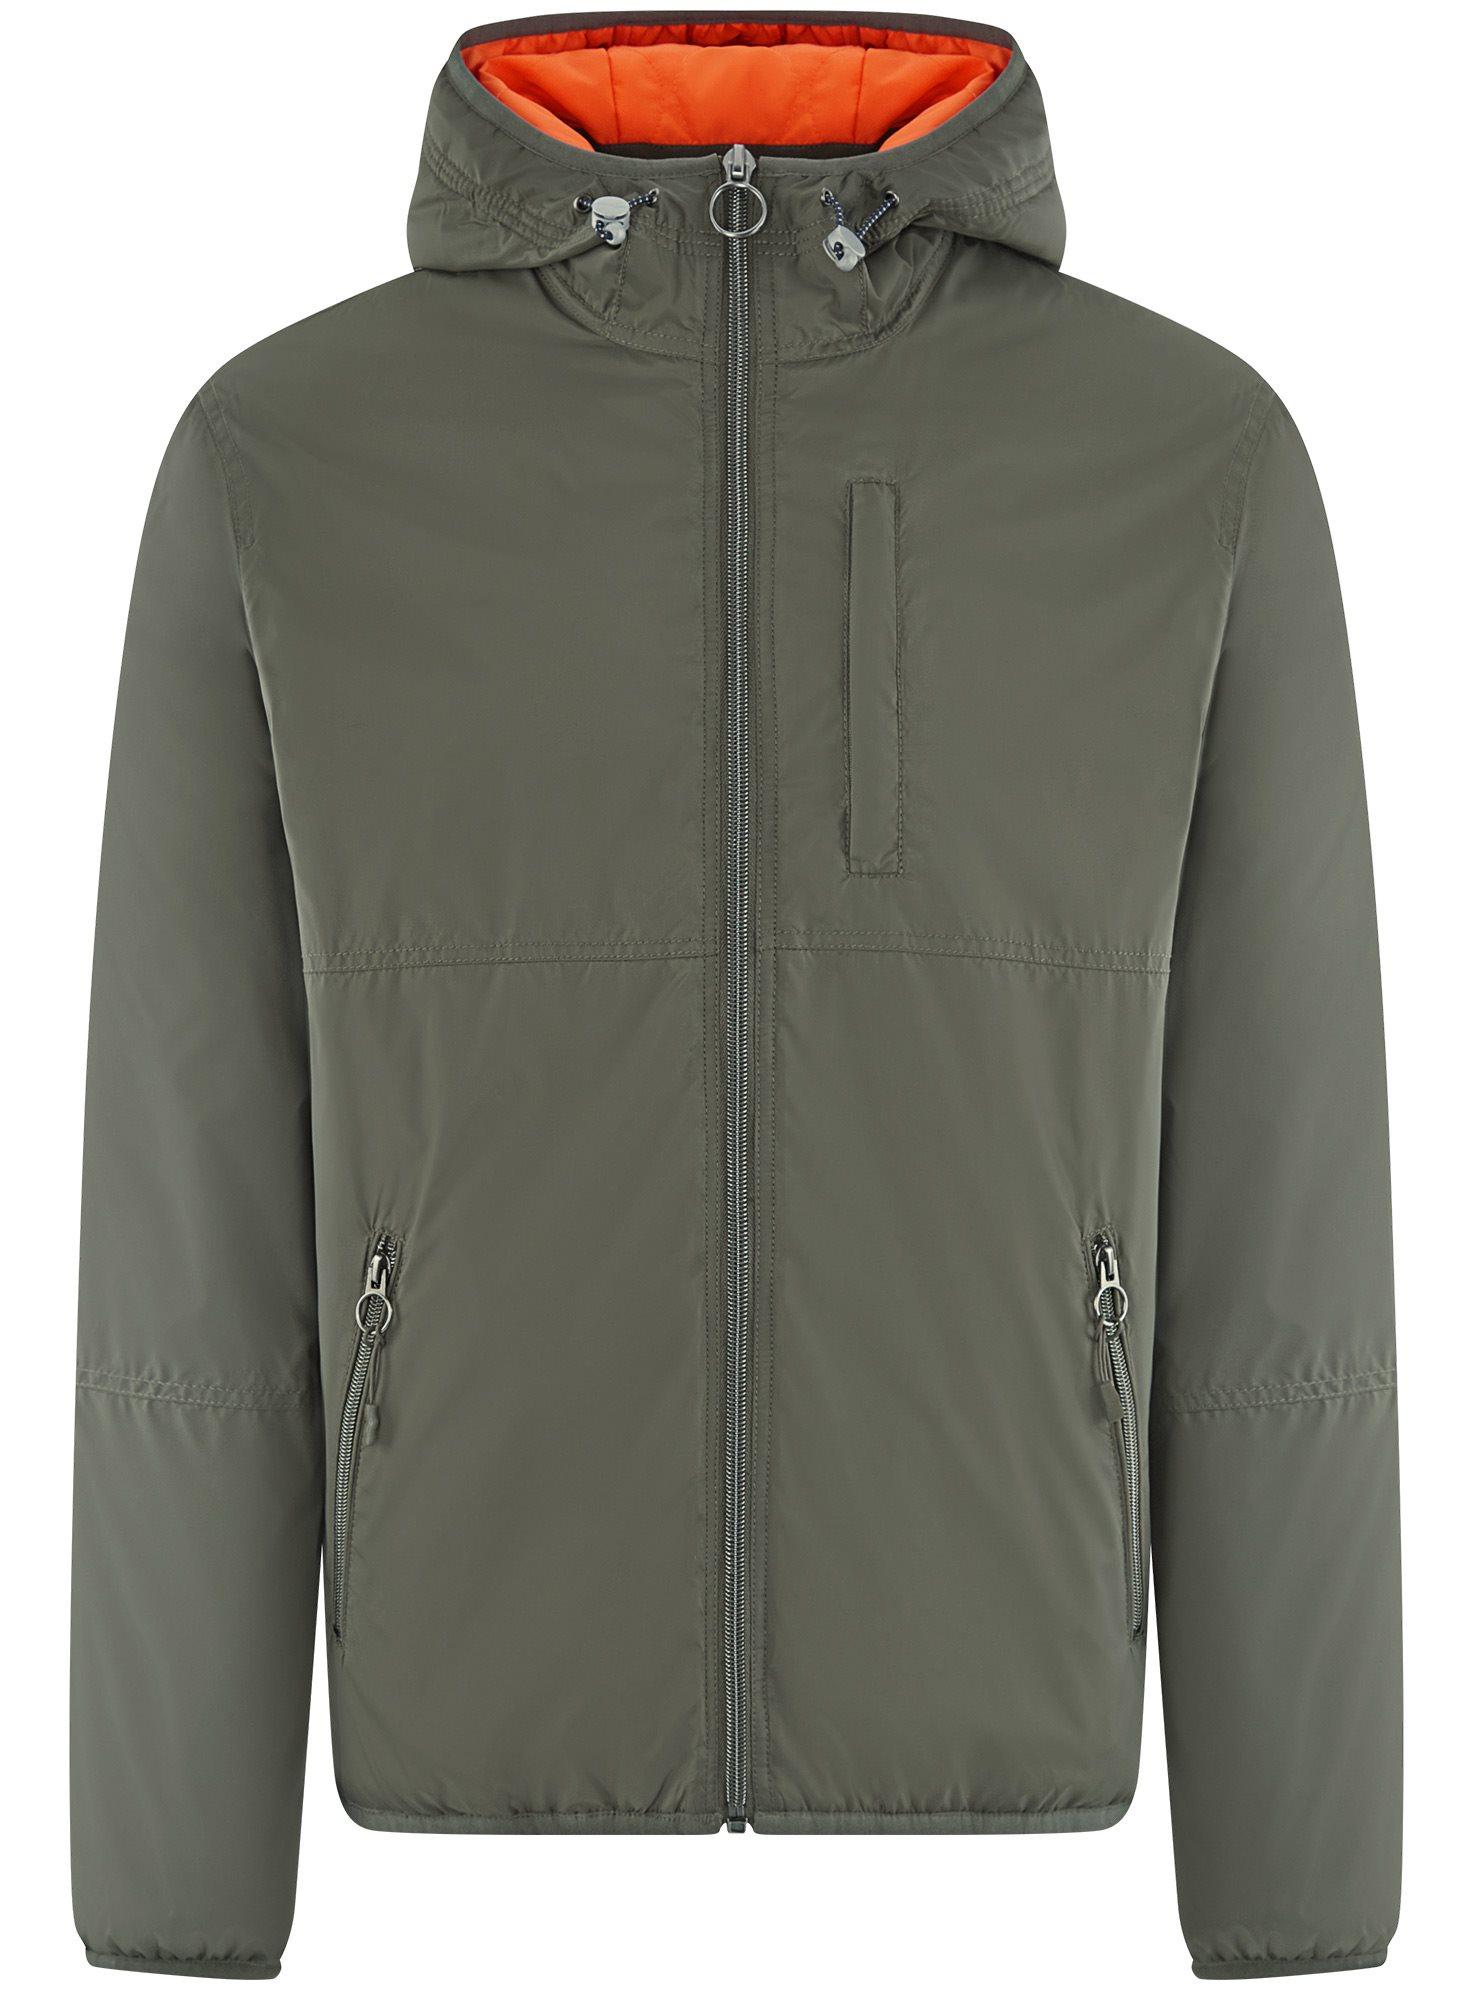 Куртка утепленная с капюшоном oodji для мужчины (зеленый), 1L512022M/44334N/6600N